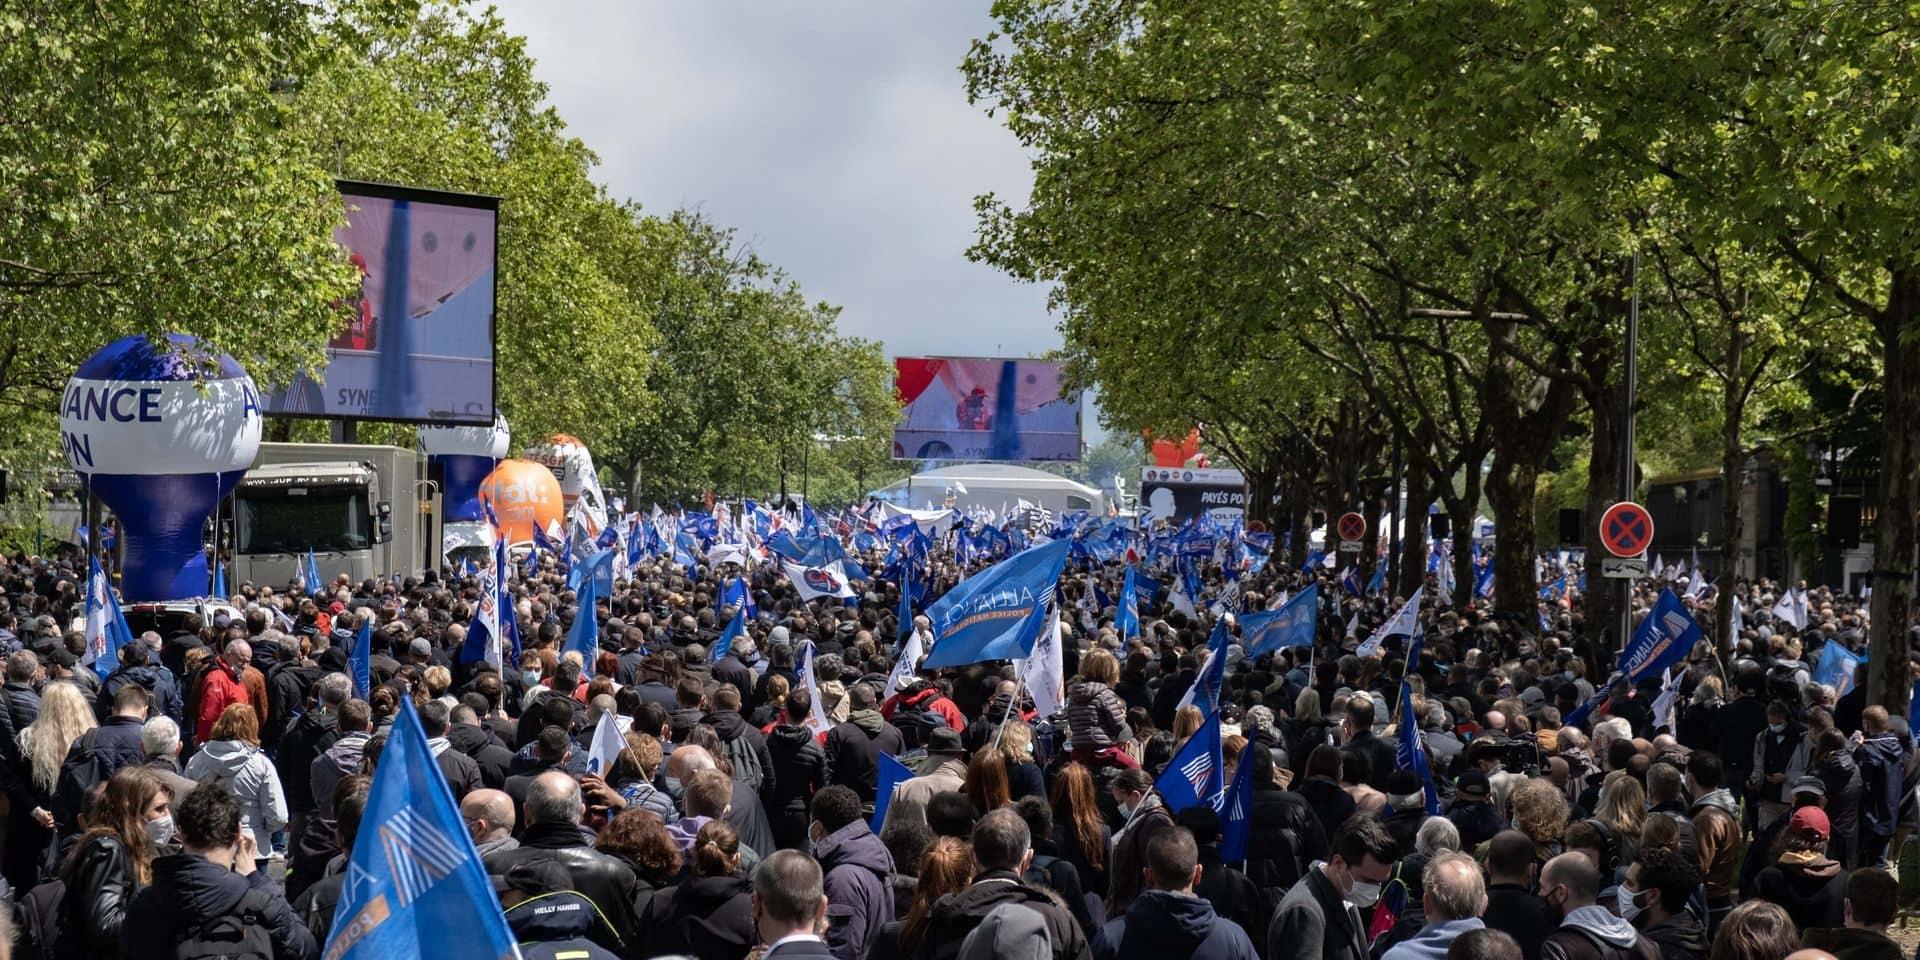 """""""Le problème de la police, c'est la justice!"""" : des milliers de policiers manifestent en France, la justice prise pour cible"""